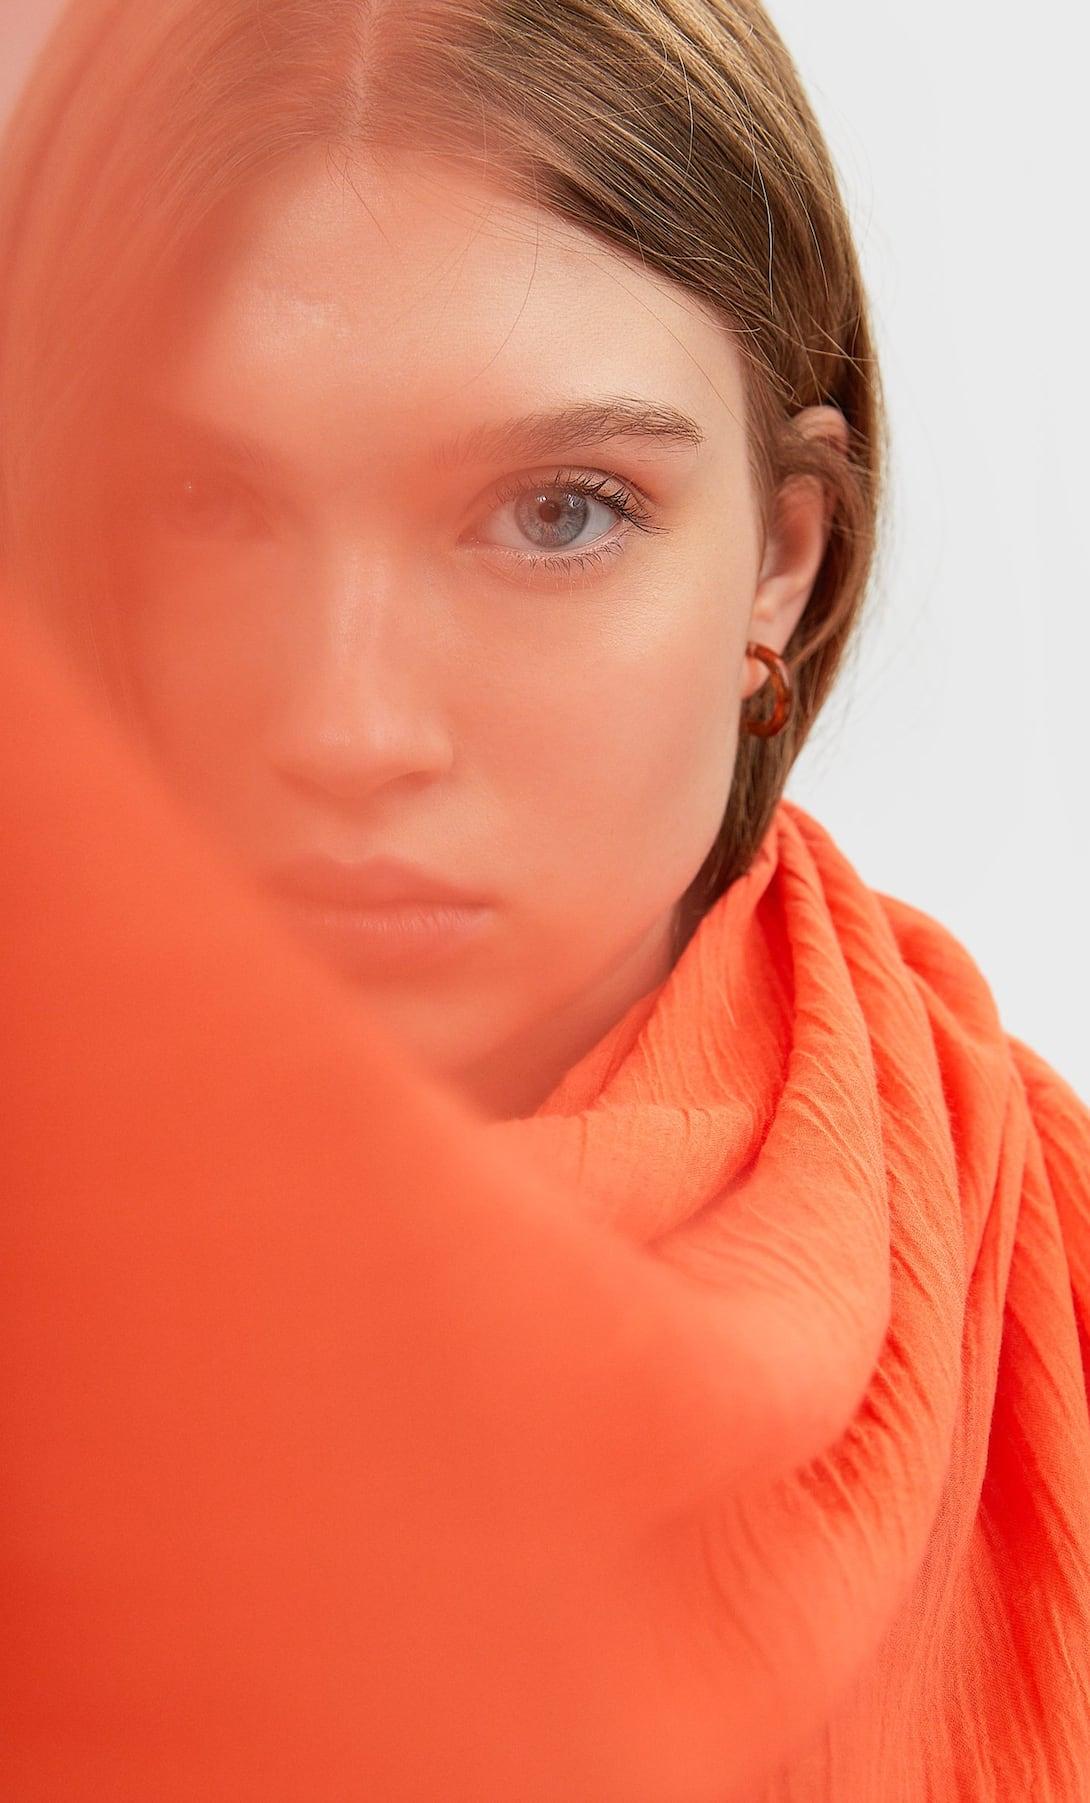 Foulard Arancione. Prezzo: 12,99